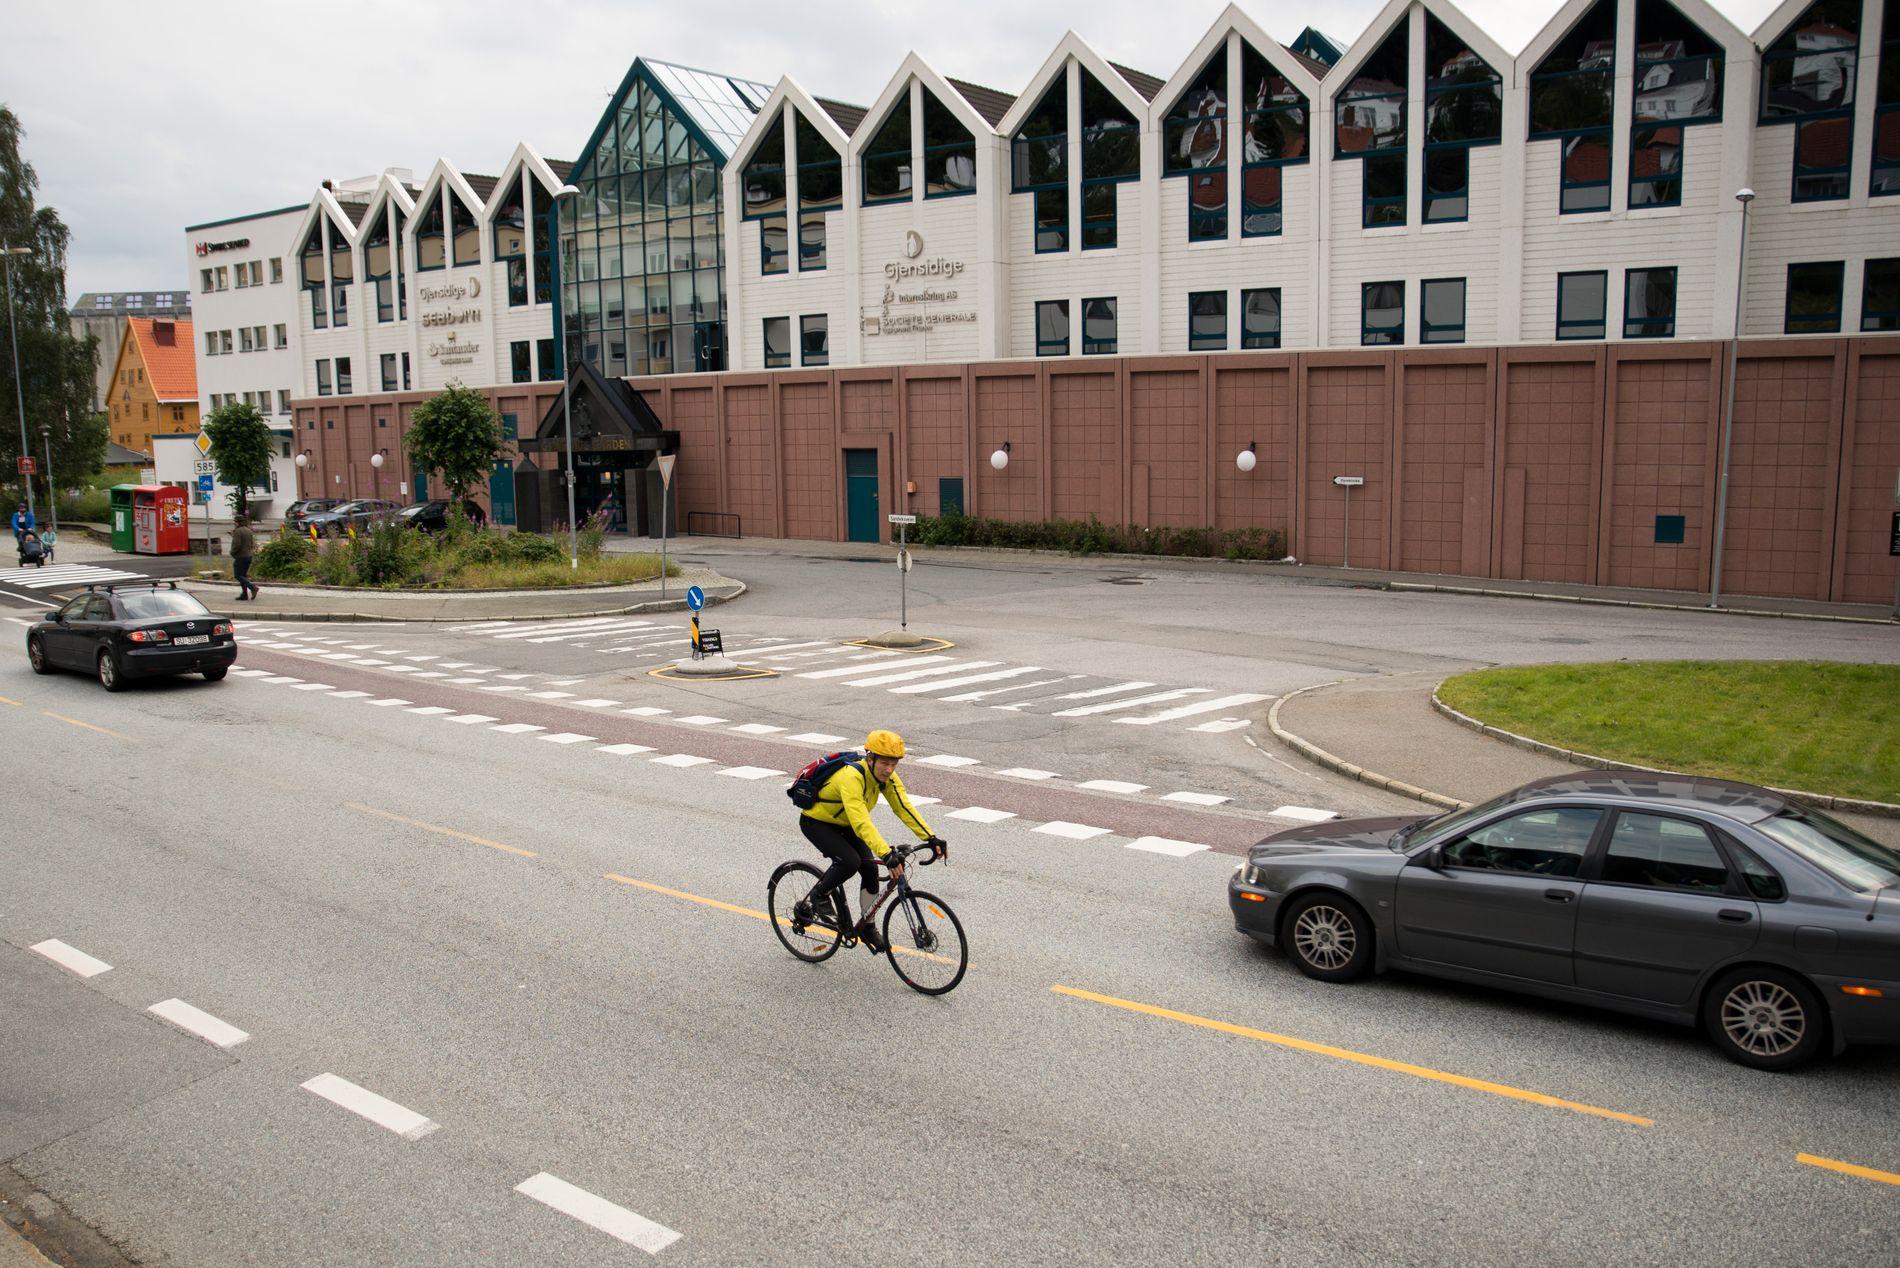 UOVERSIKTLIG: For å få folk til å sykle, må man lage sammenhengende sykkelruter med tydelig oppmerking, og uoversiktlige kryss må ha trafikklys. Det trengs for eksempel i Sandviken ved Gjensidigebygget (bildet), skriver innsenderen.